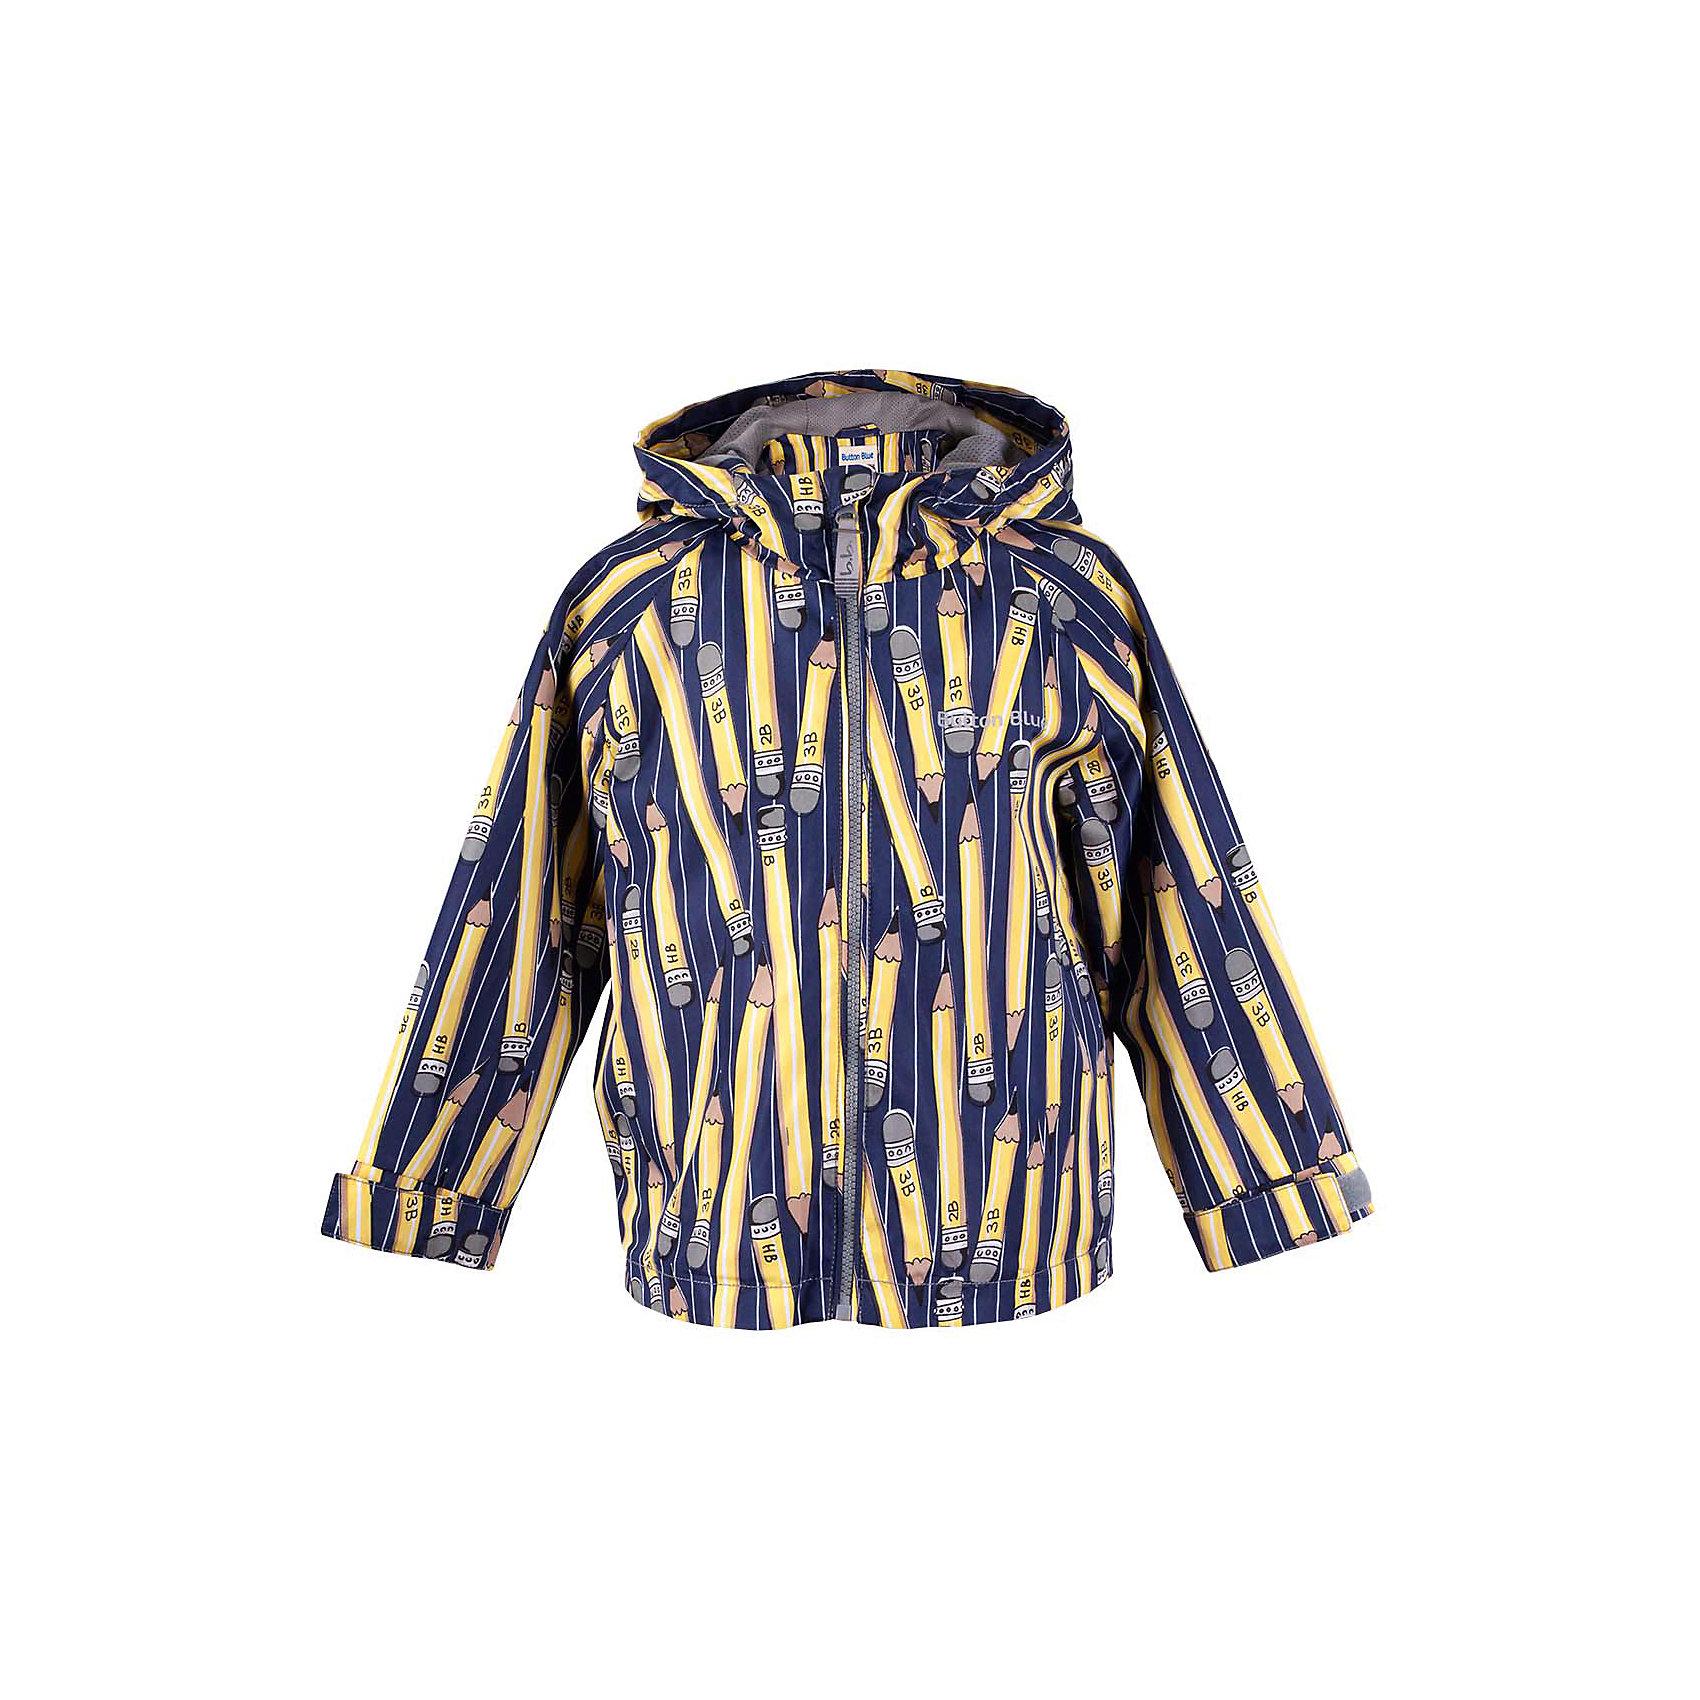 Куртка для мальчика  BUTTON BLUEВерхняя одежда<br>Куртка для мальчика  BUTTON BLUE<br>Отличная ветровка для мальчика понравится всем любителям активных прогулок! Ветровка сделана с соблюдением технологических особенностей производства спортивной одежды. Она не промокает, специальная подкладка создает комфорт при длительной носке, светоотражающие элементы обеспечивают безопасность ребенка. Водоотталкивающая ткань с оригинальным принтом делает ветровку запоминающейся. Если вы хотите купить отличную детскую ветровку недорого и не сомневаться в ее качестве и комфорте, ветровка от Button Blue - то, что вам нужно!<br>Состав:<br>Ткань  верха: 100% полиэстер, подклад: 100% полиэстер<br><br>Ширина мм: 356<br>Глубина мм: 10<br>Высота мм: 245<br>Вес г: 519<br>Цвет: синий<br>Возраст от месяцев: 144<br>Возраст до месяцев: 156<br>Пол: Мужской<br>Возраст: Детский<br>Размер: 158,98,104,110,116,122,128,134,140,146,152<br>SKU: 5524093